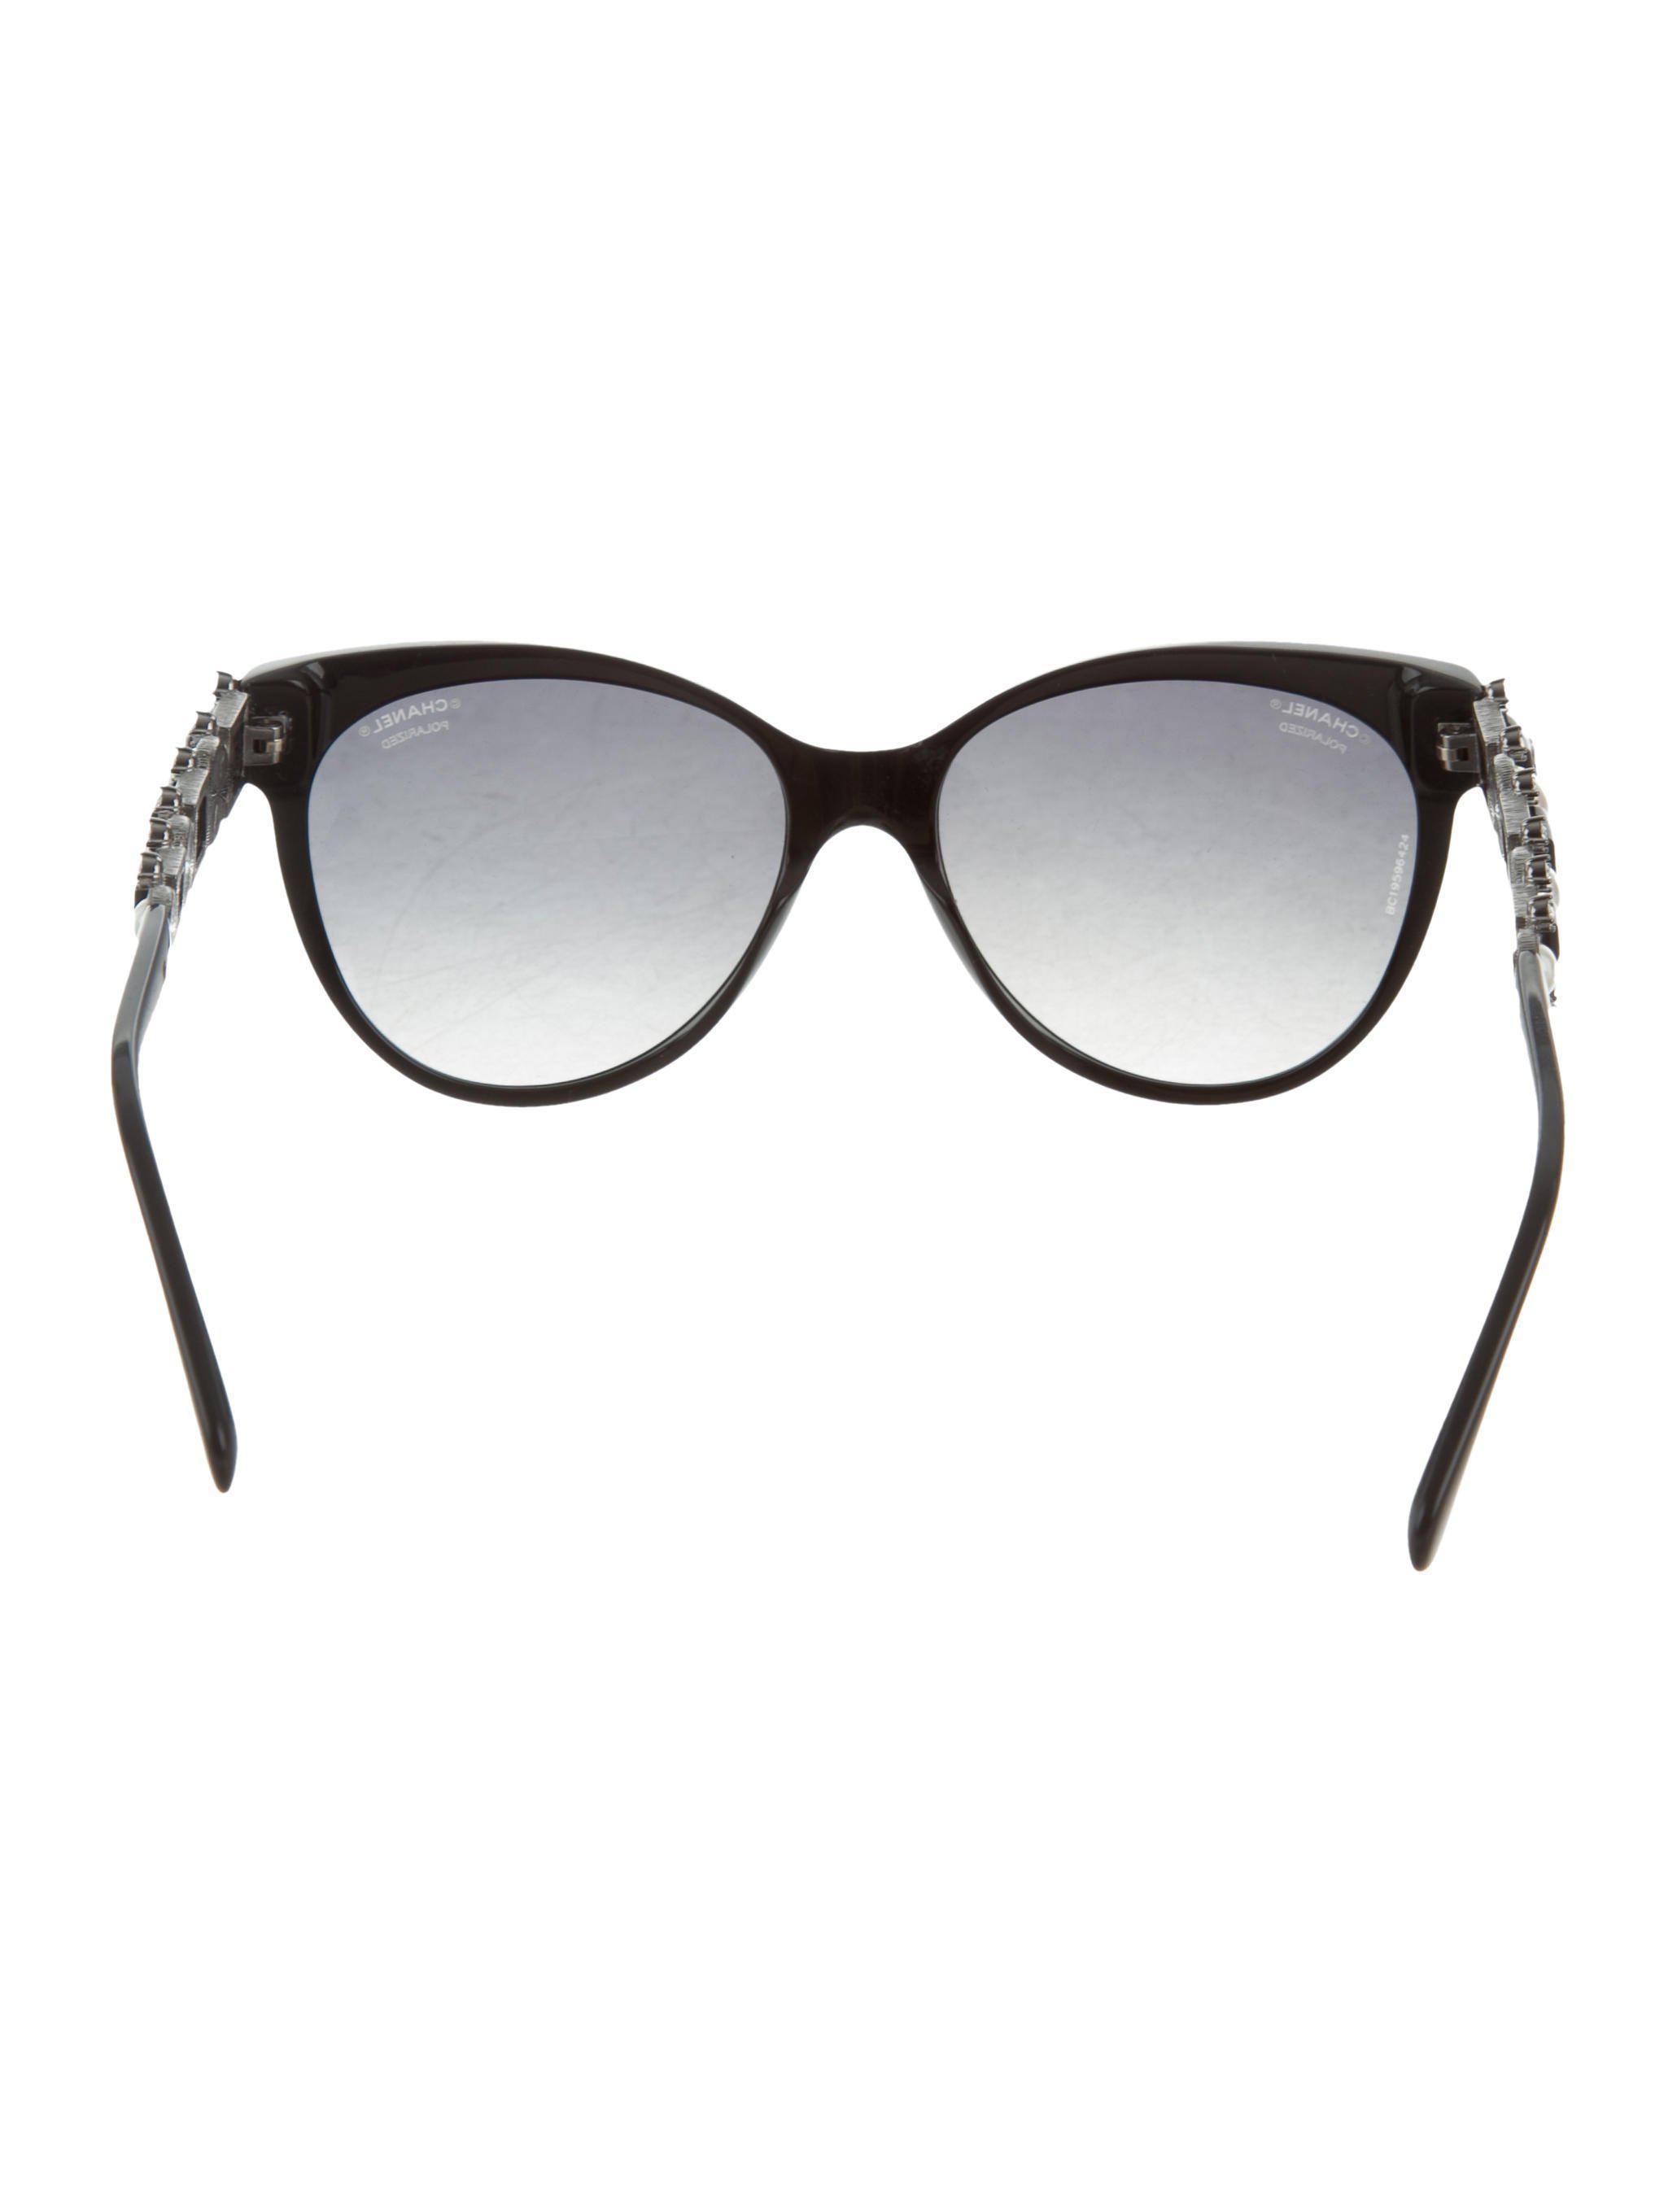 Lyst - Chanel Bijou Cat-eye Sunglasses in Black